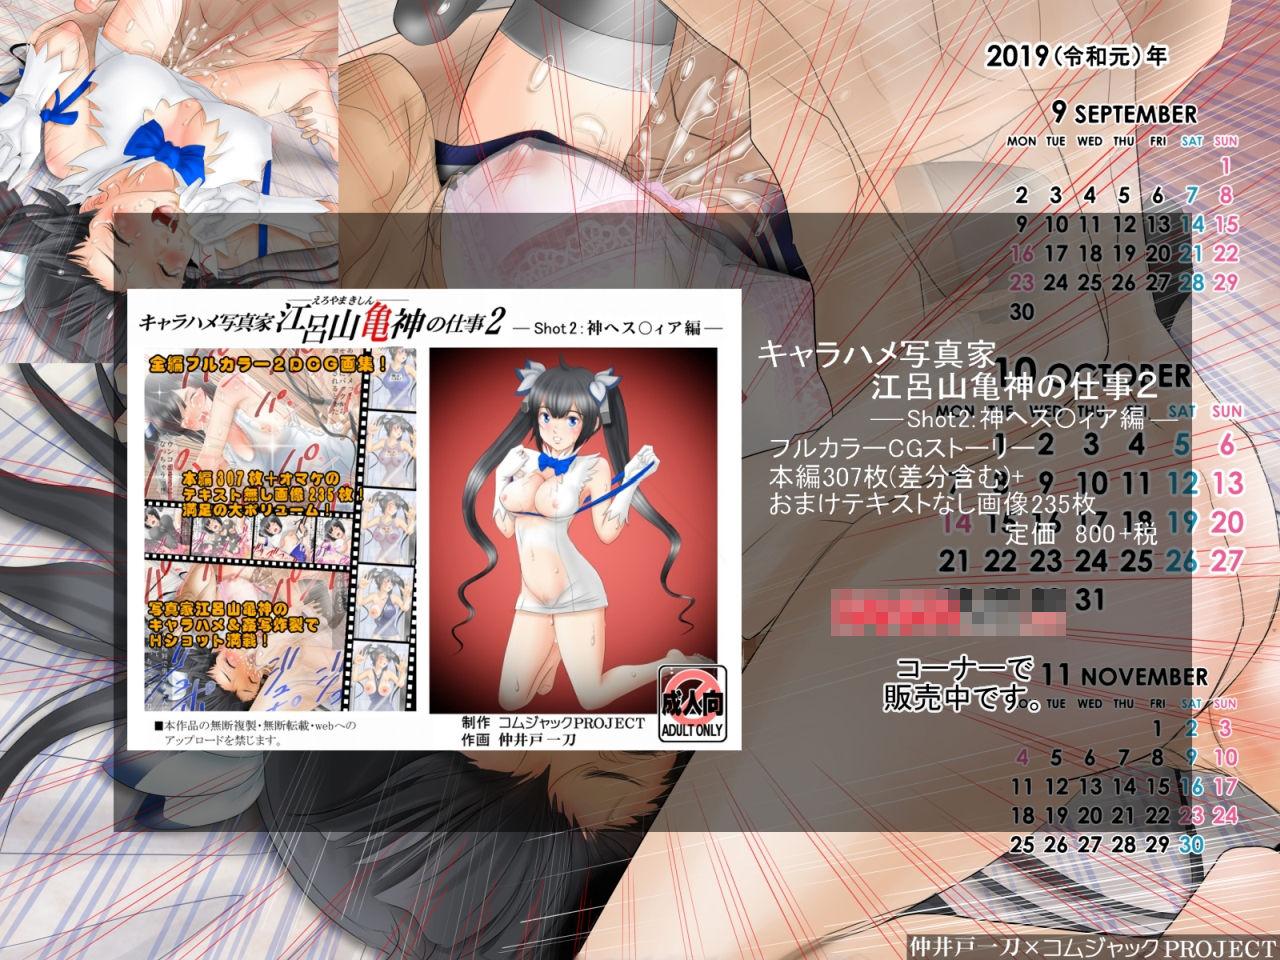 【無料】衣替えの季節!処女神ヘス〇ィアが秋冬用の制服姿で3Pされている姿を描いた壁紙カレンダー10月用